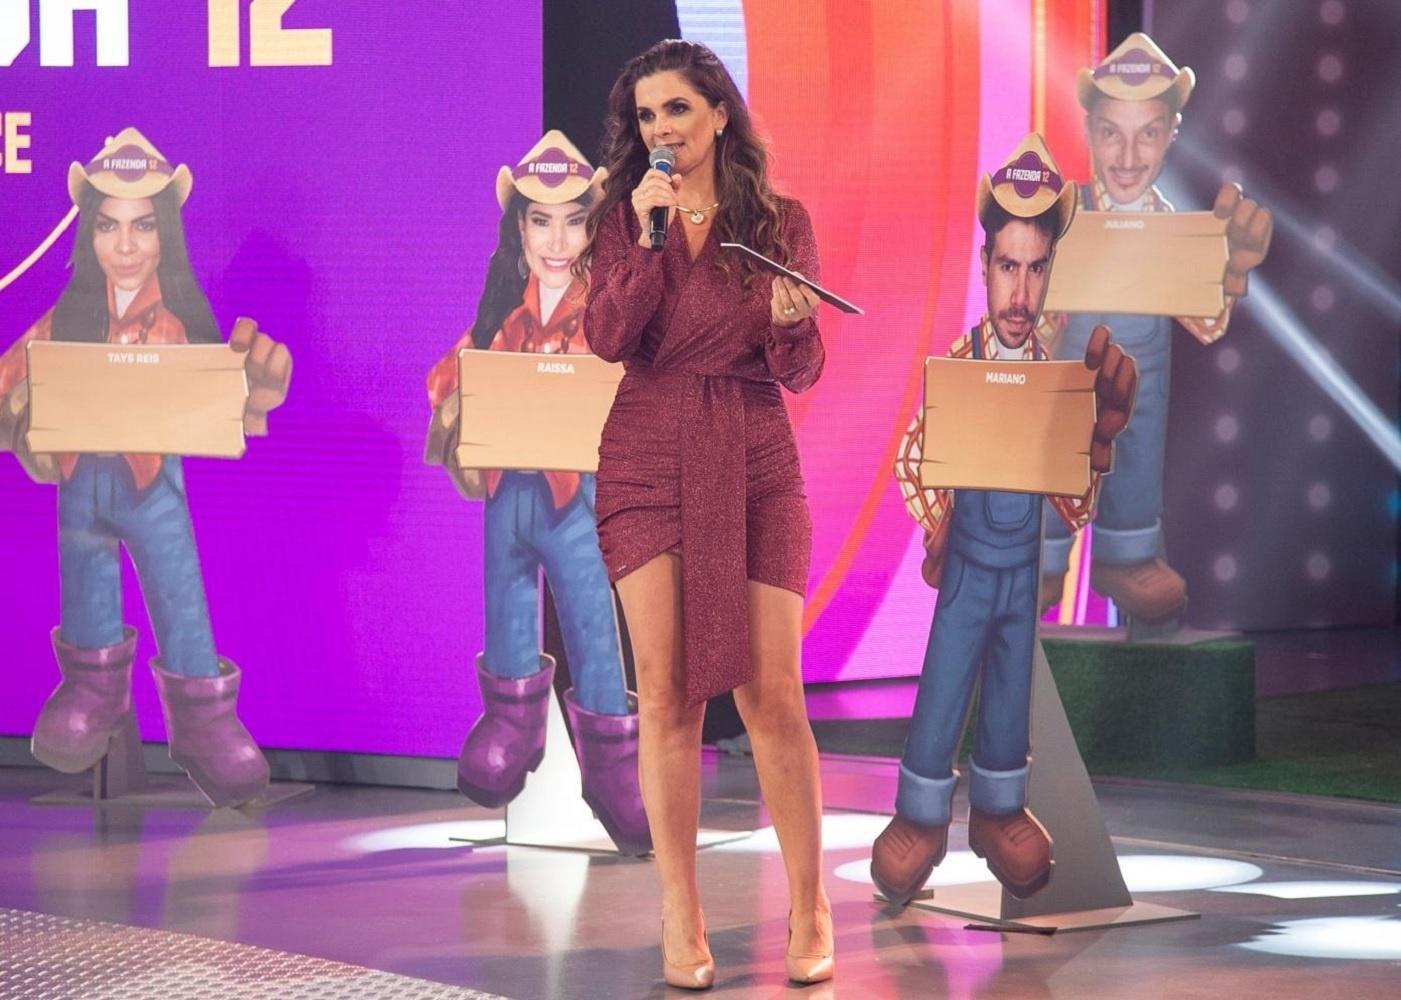 Luiza Ambiel é pedida em namoro por Cartolouco no palco de 'Hora do Faro' -  23/10/2020 - UOL TV e Famosos